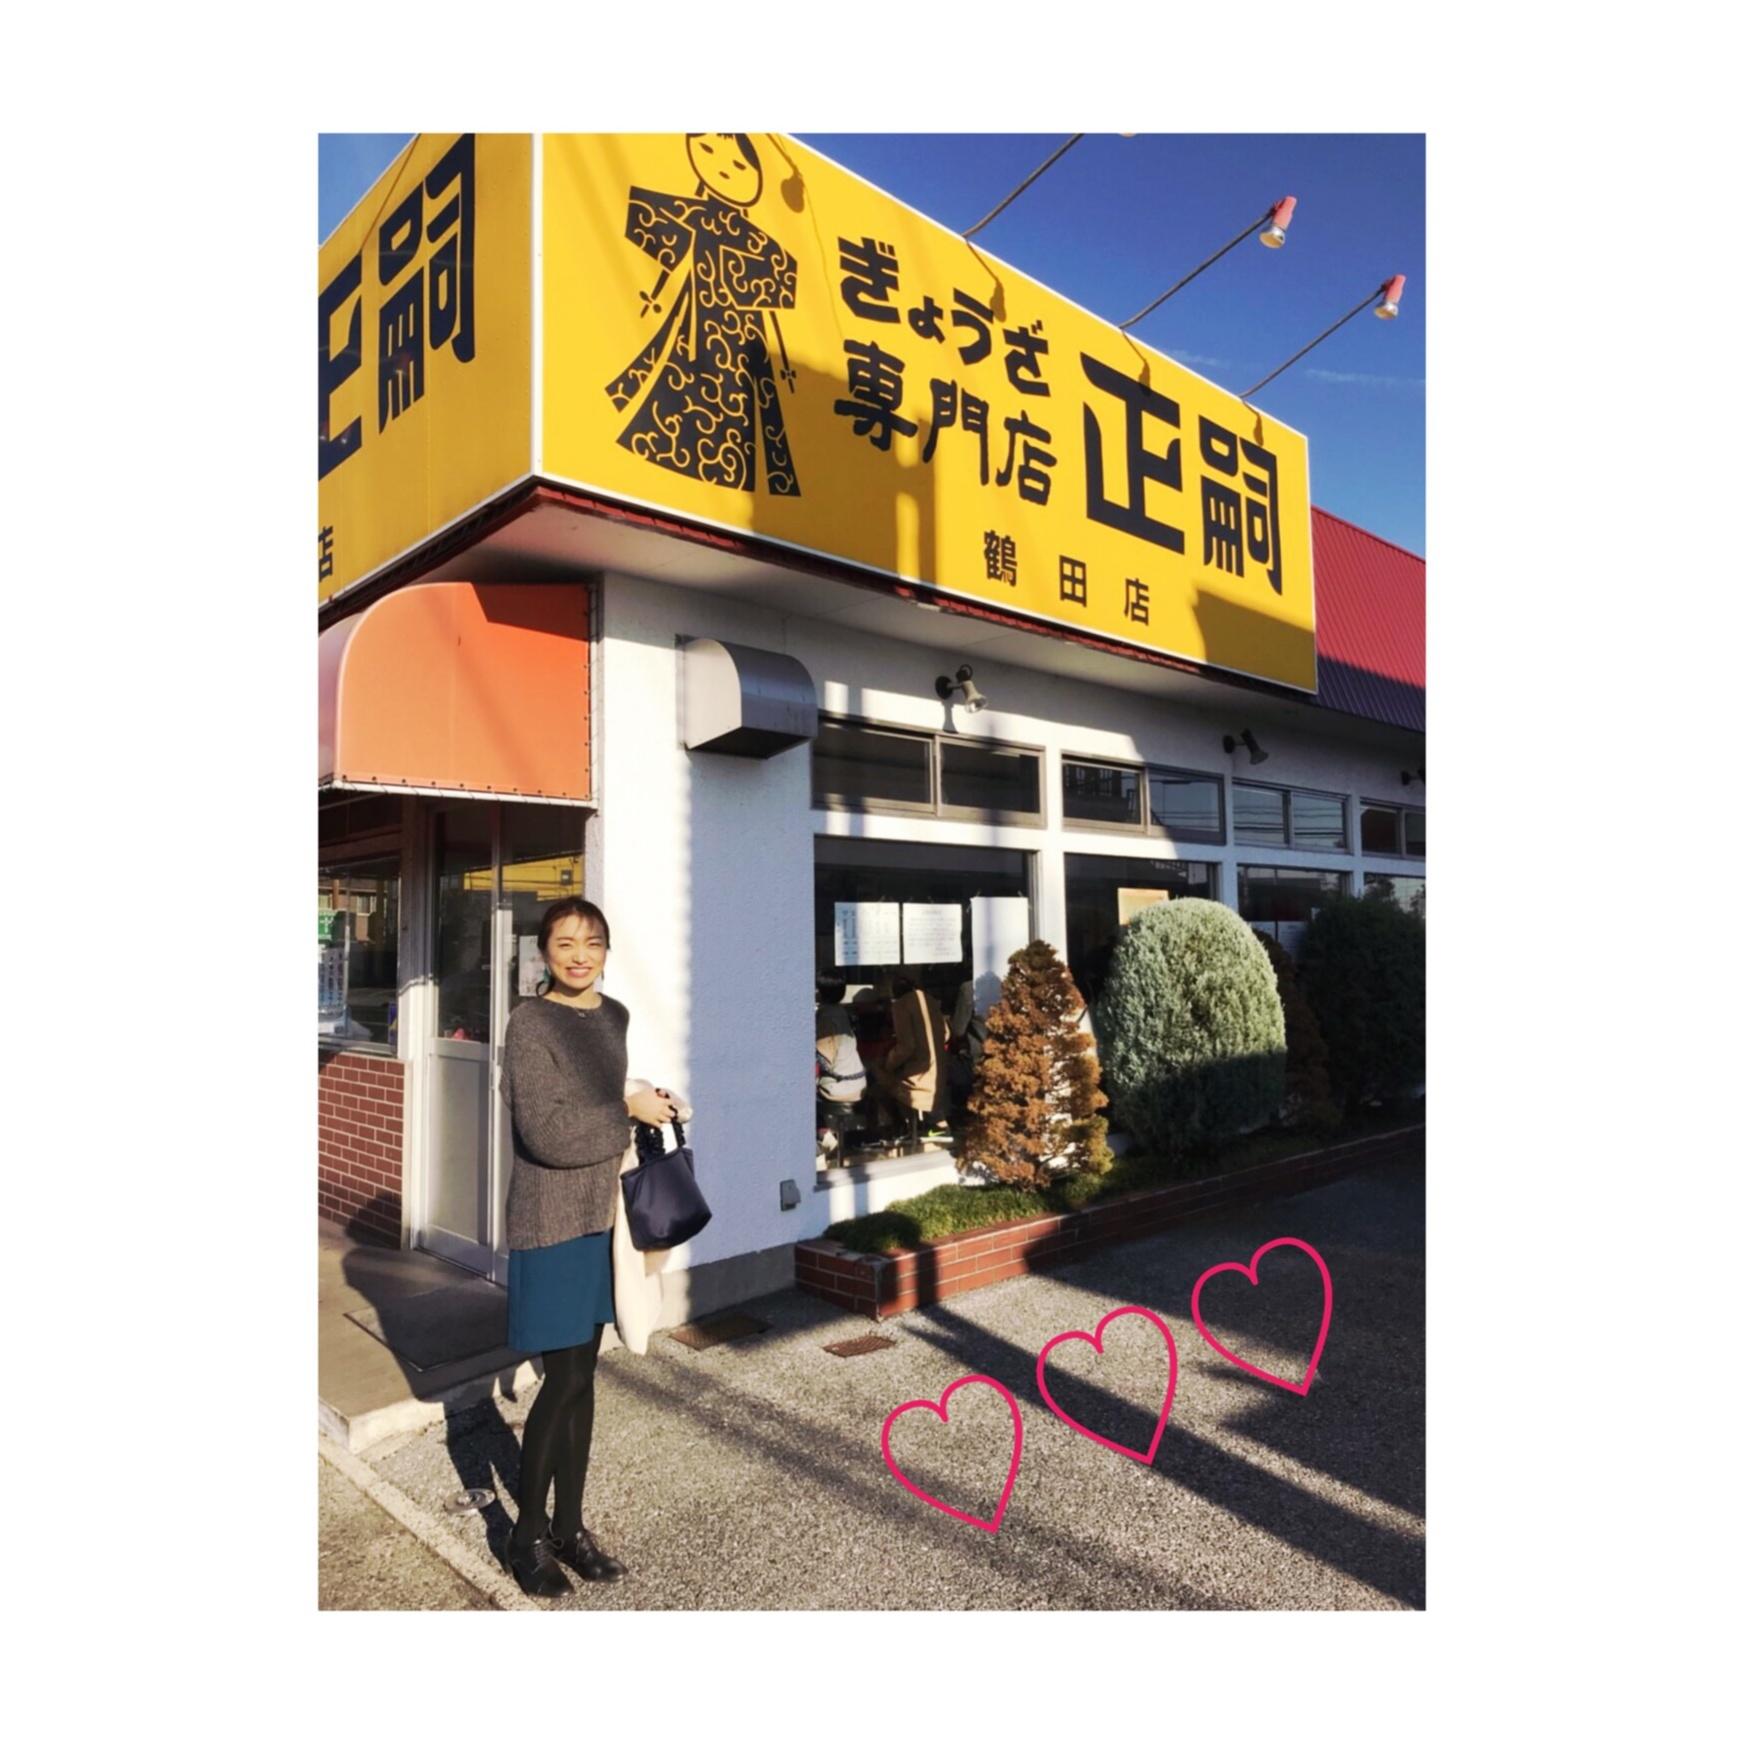 《ご当地MORE★1人前¥210の破格!最強コスパ!》【宇都宮餃子】を食べに行くなら〝正嗣〟がオススメです❤️_1